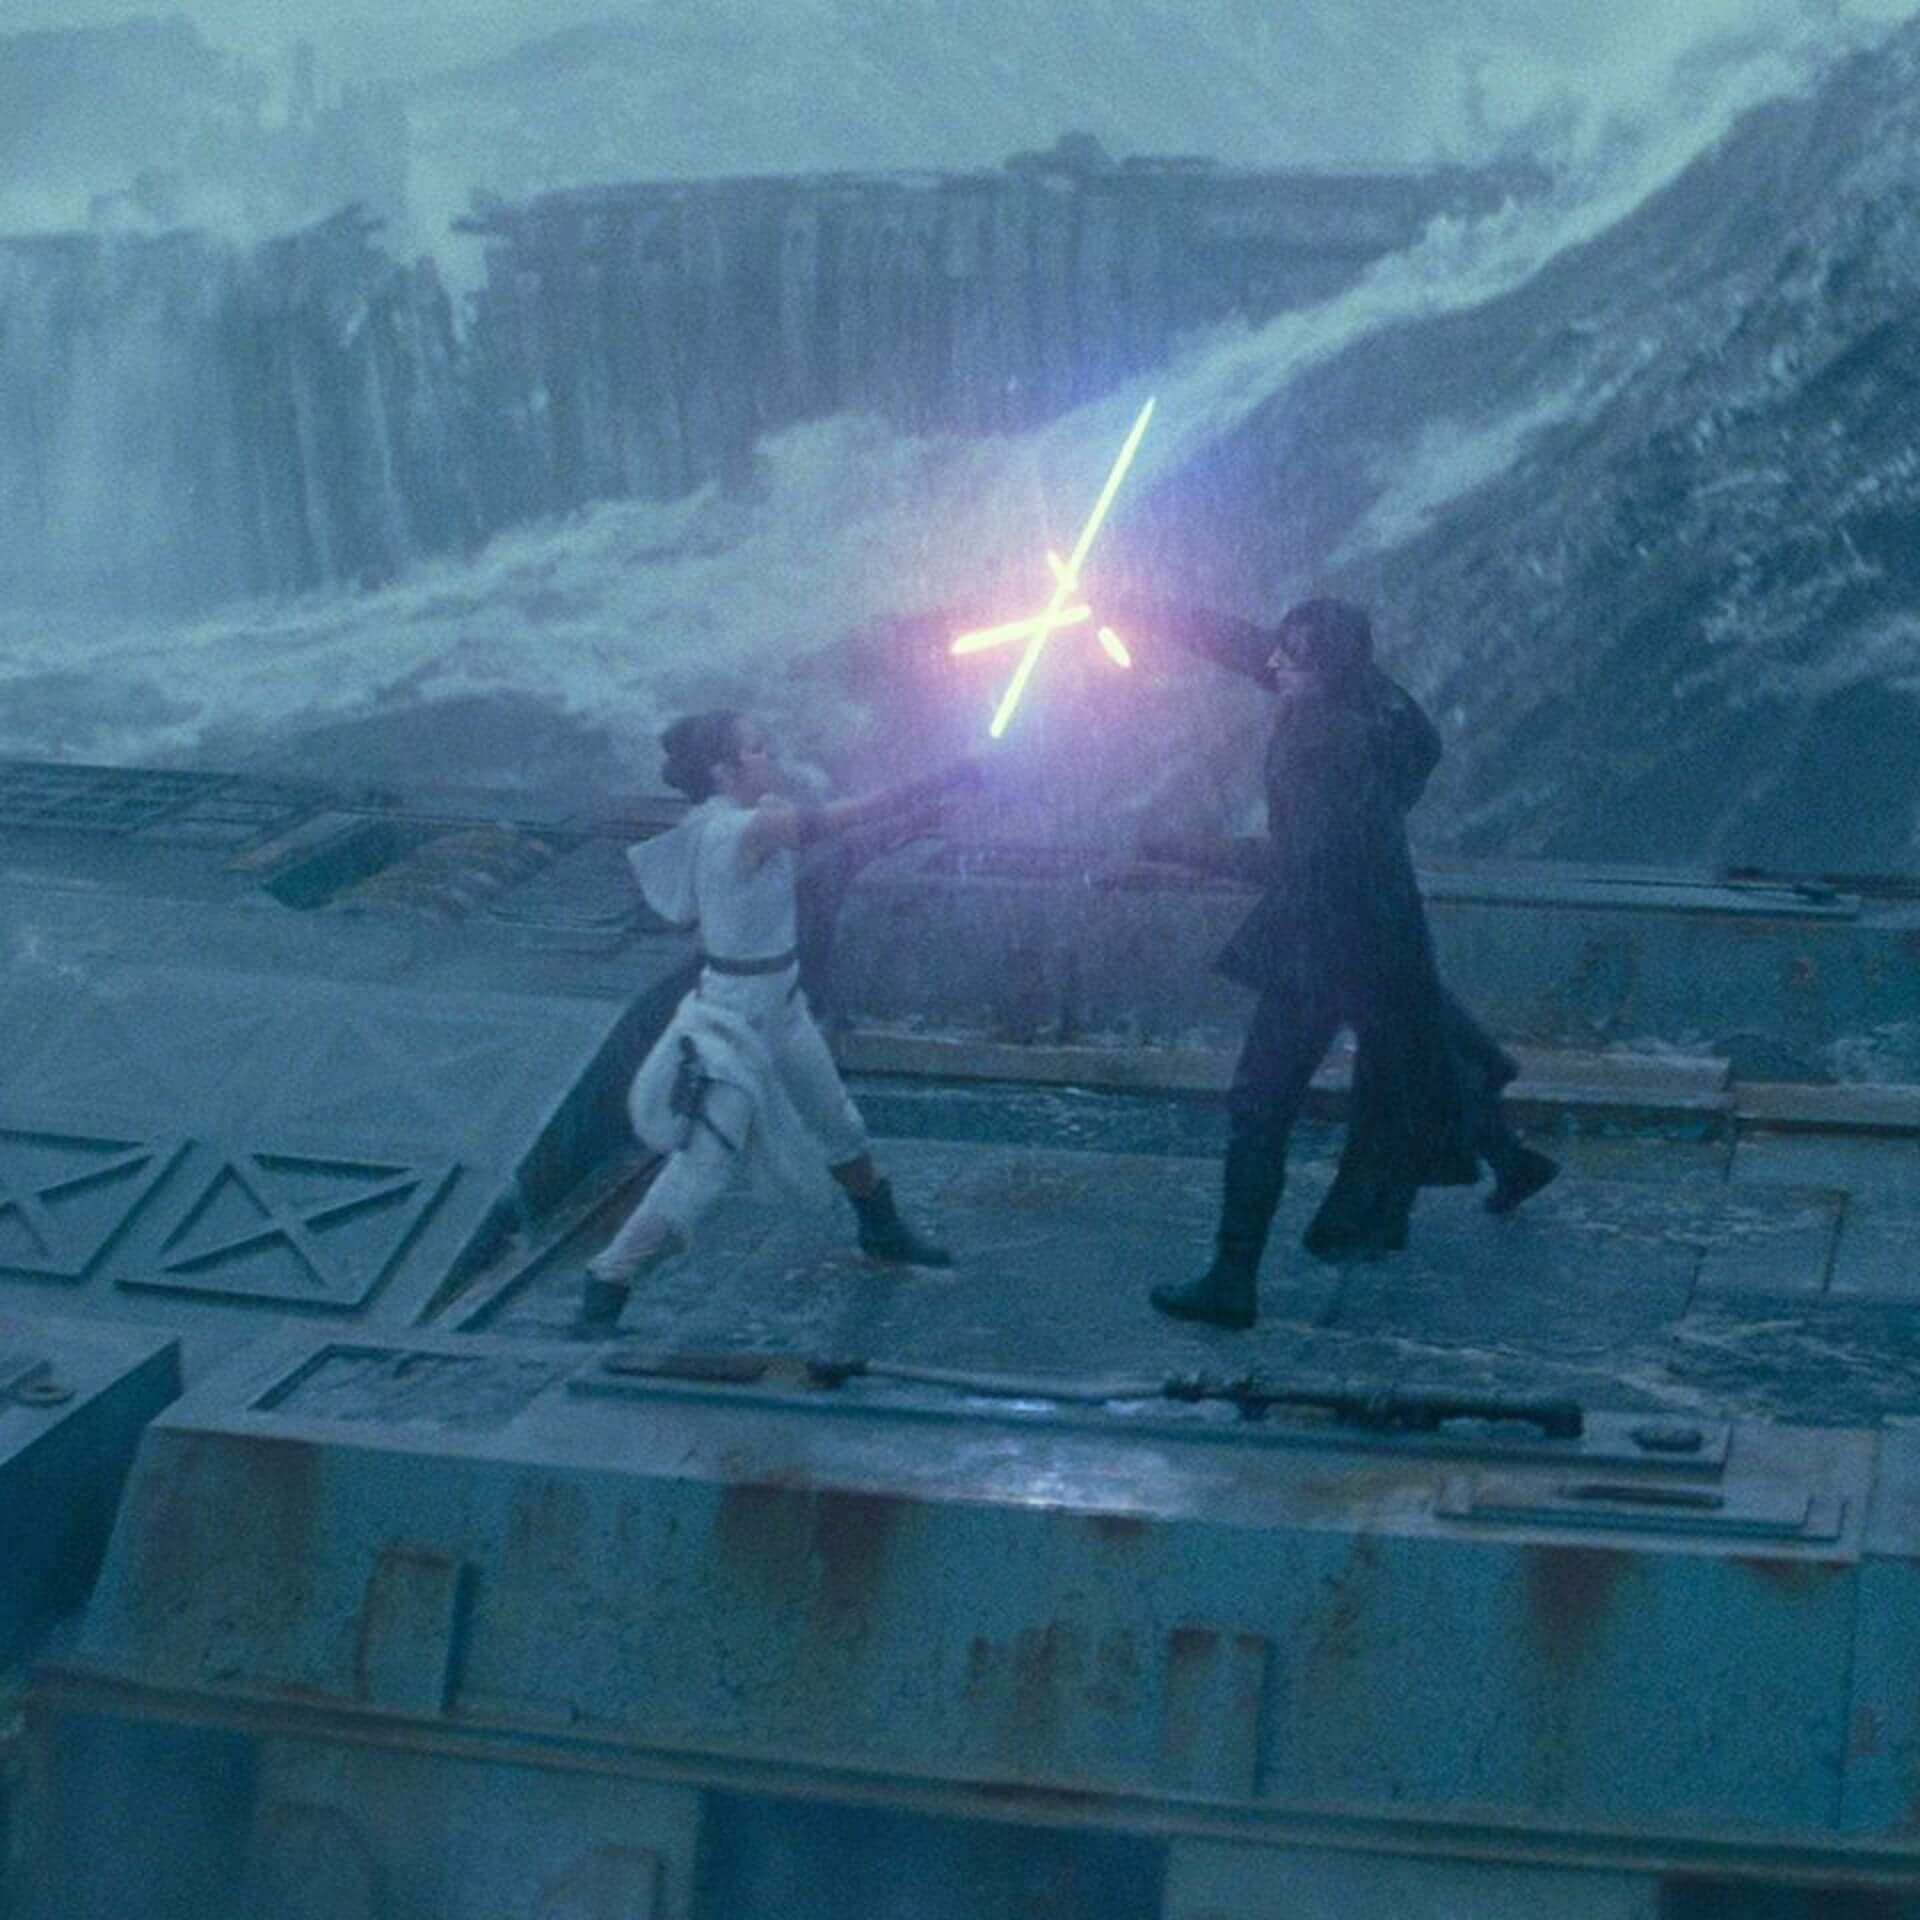 『スター・ウォーズ/スカイウォーカーの夜明け』のレイとベン・ソロのラストシーンに関する新事実が発覚 film200305_starwars_rey_ben_main